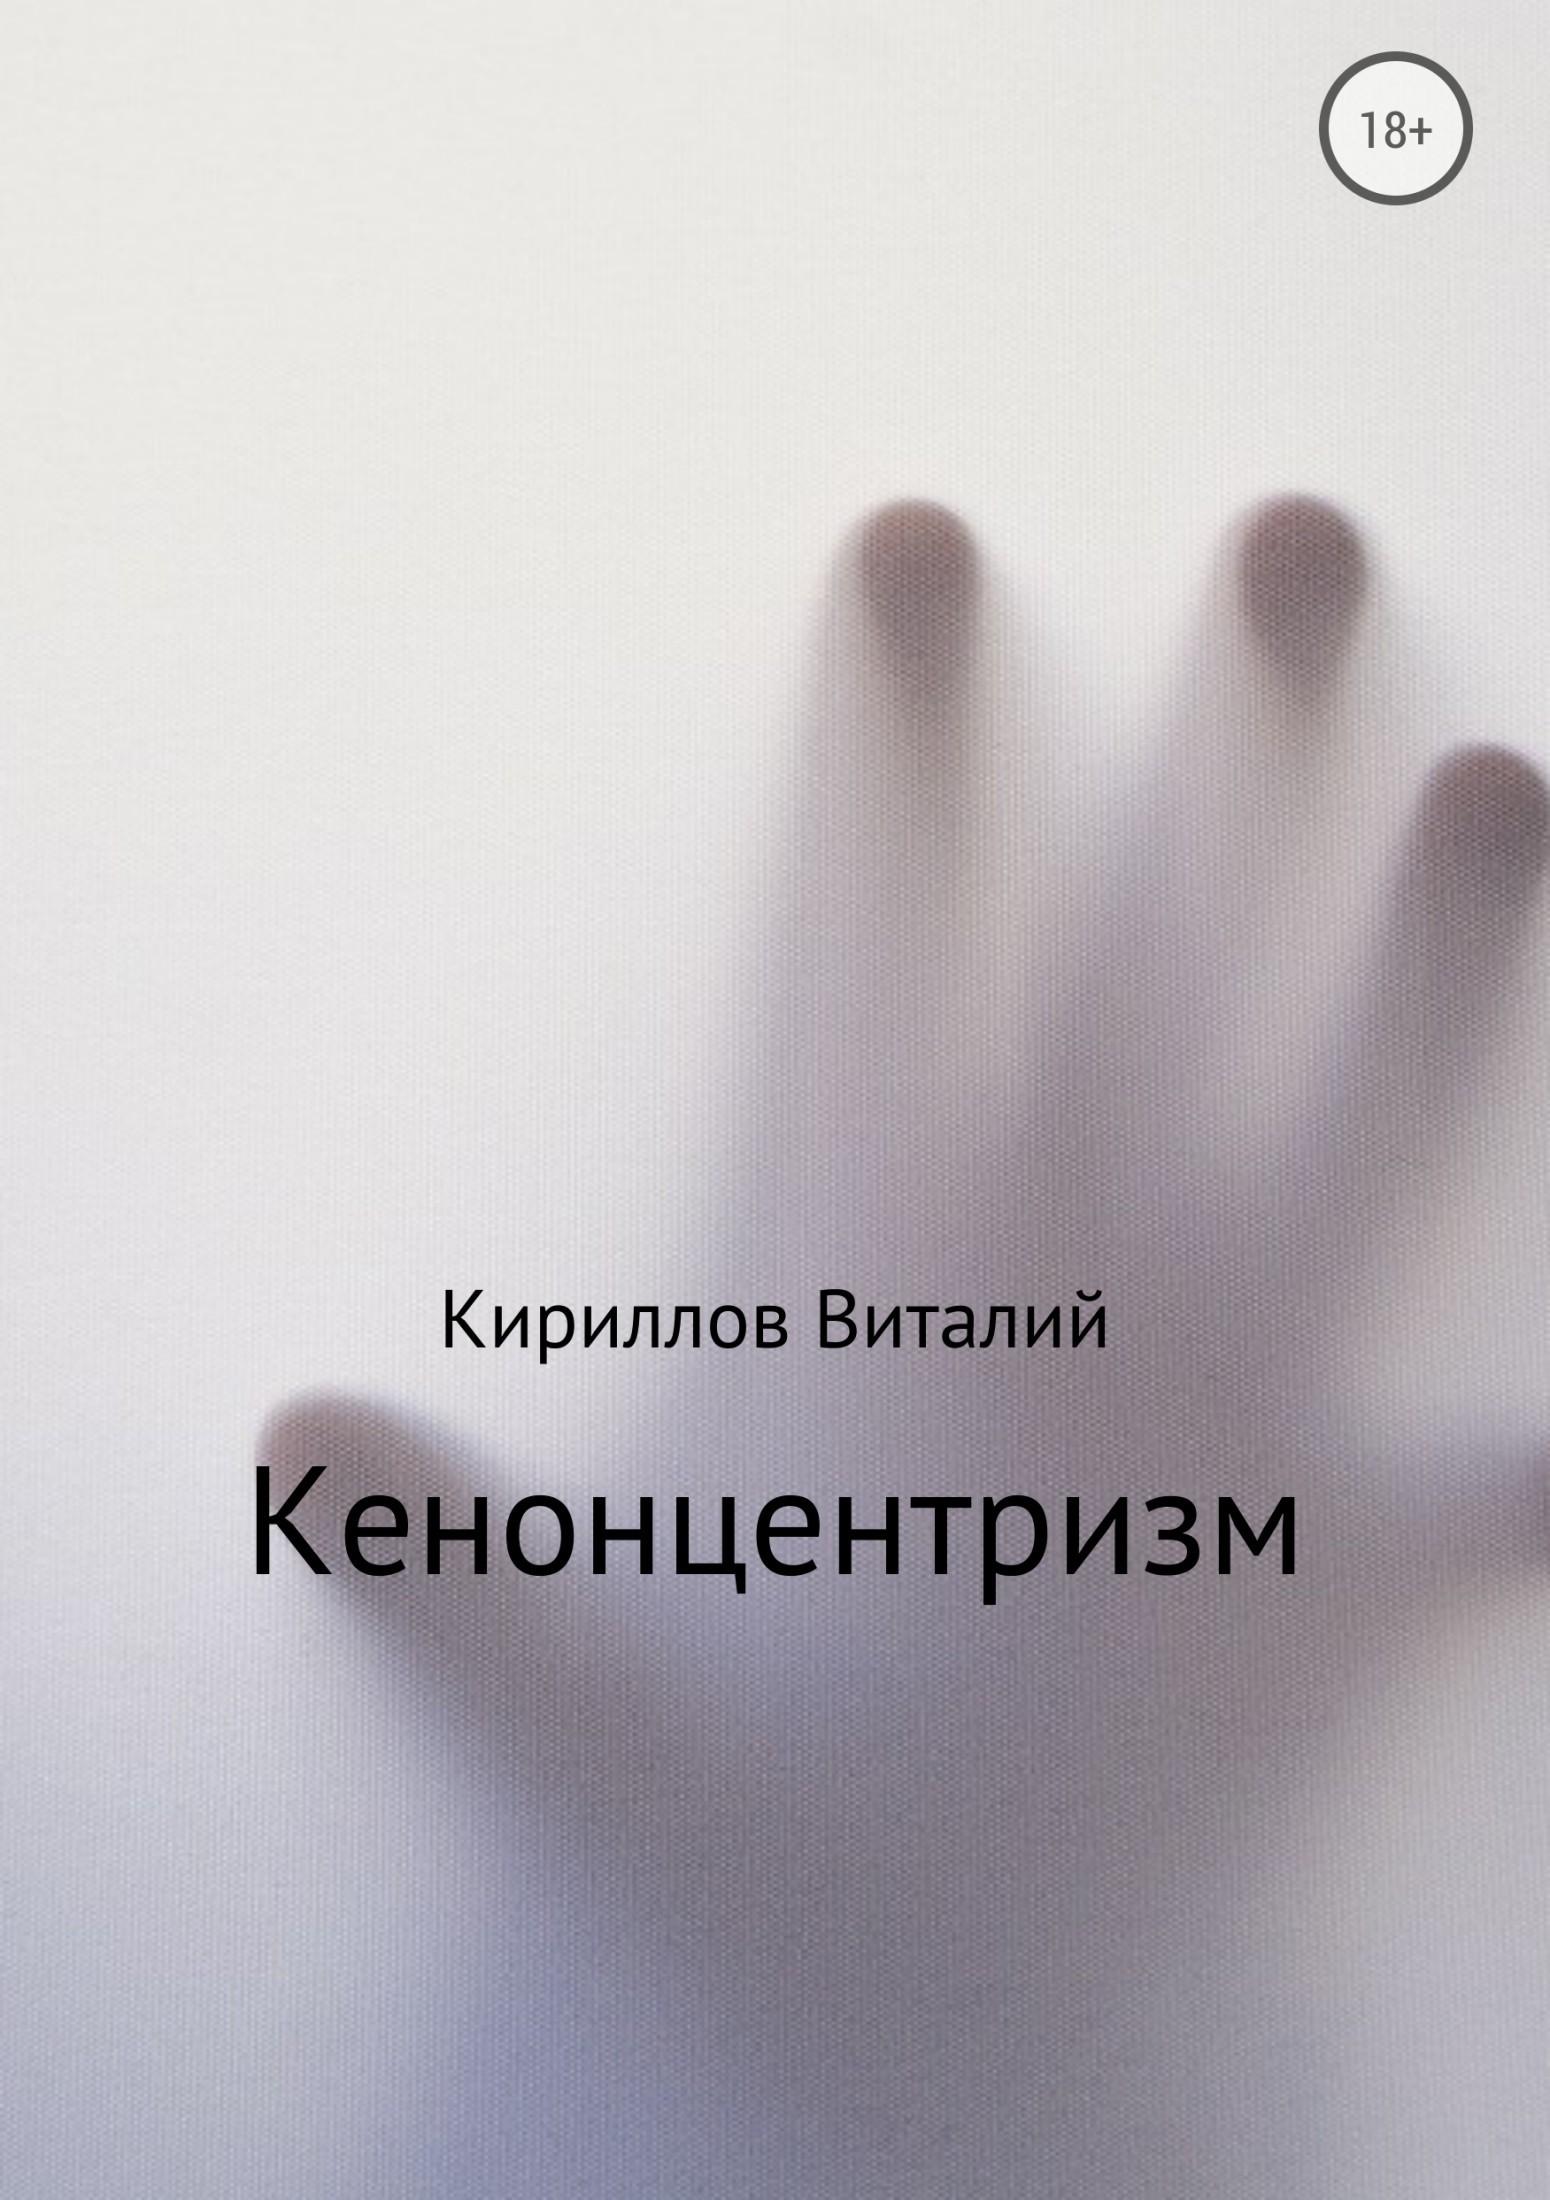 Виталий Кириллов - Кенонцентризм